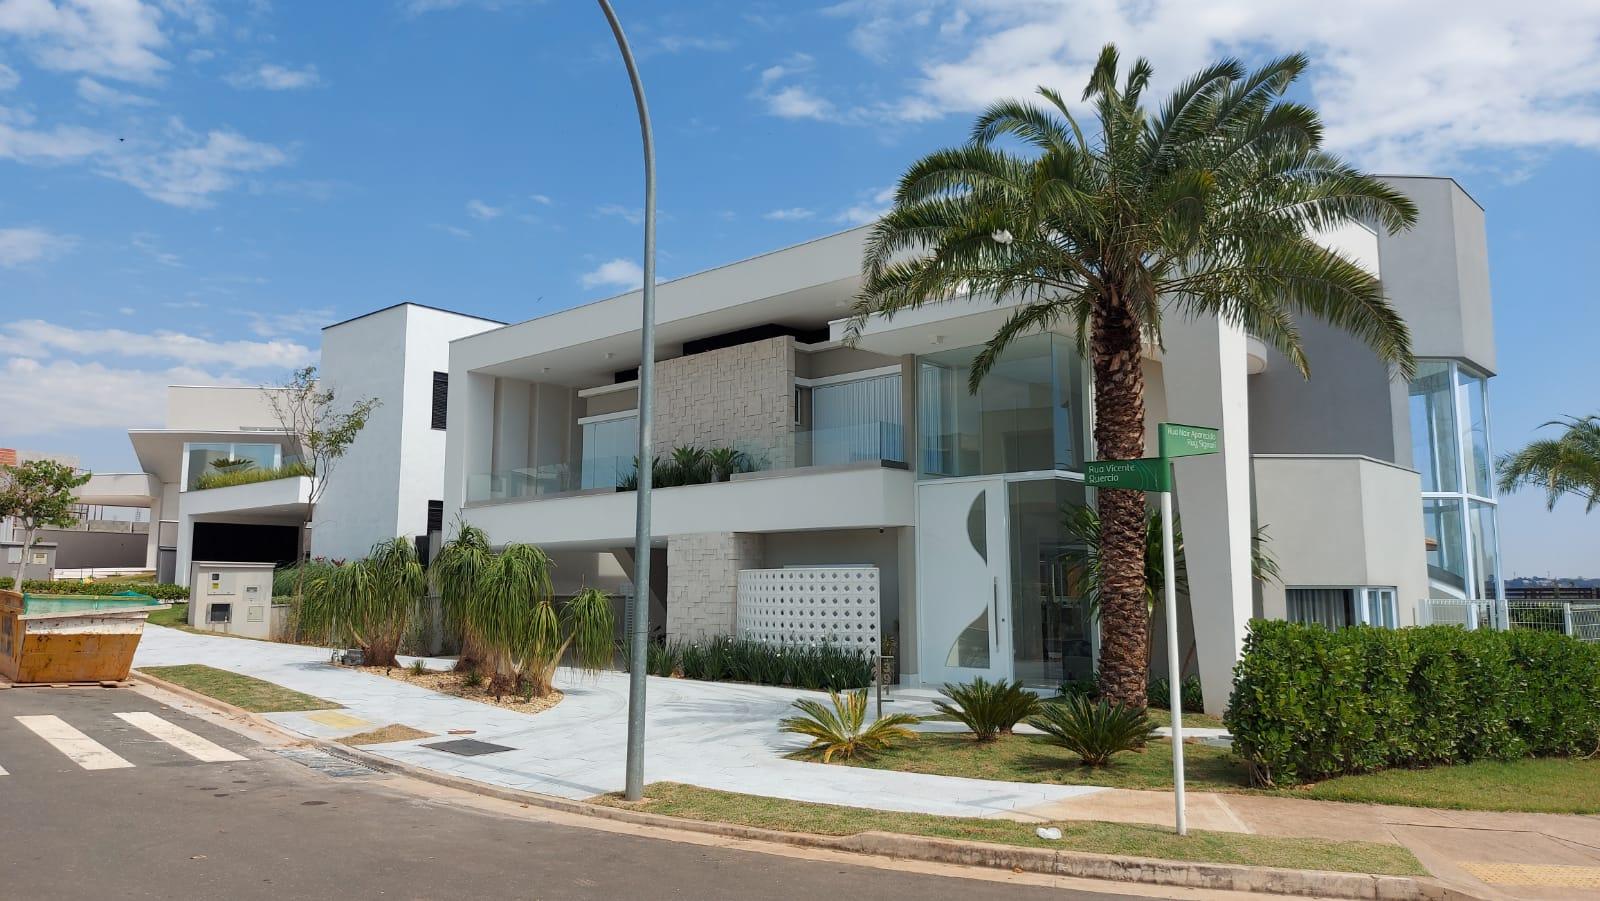 casa alpha ville 3 paisagismo Marcelo Marttins